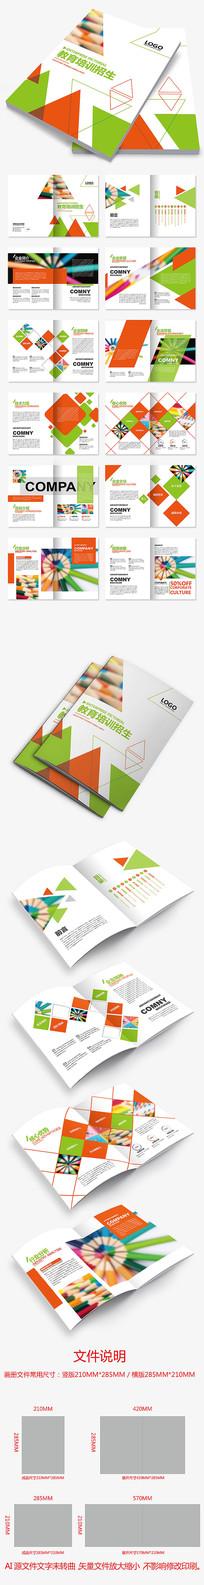 彩色创意儿童教育培训早教机构宣传册